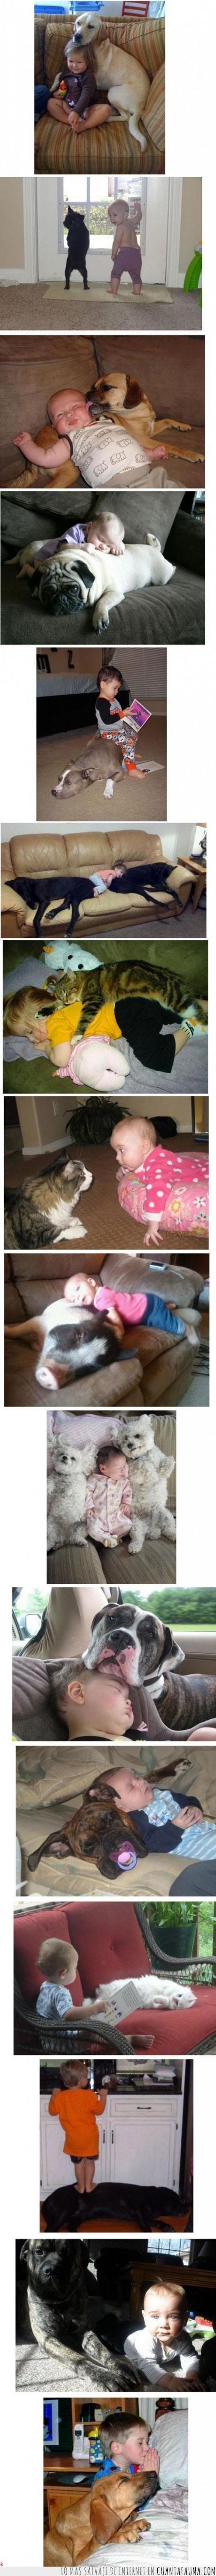 amigos,animales,bebe,gato,graciosos,niños,pequeños,perro